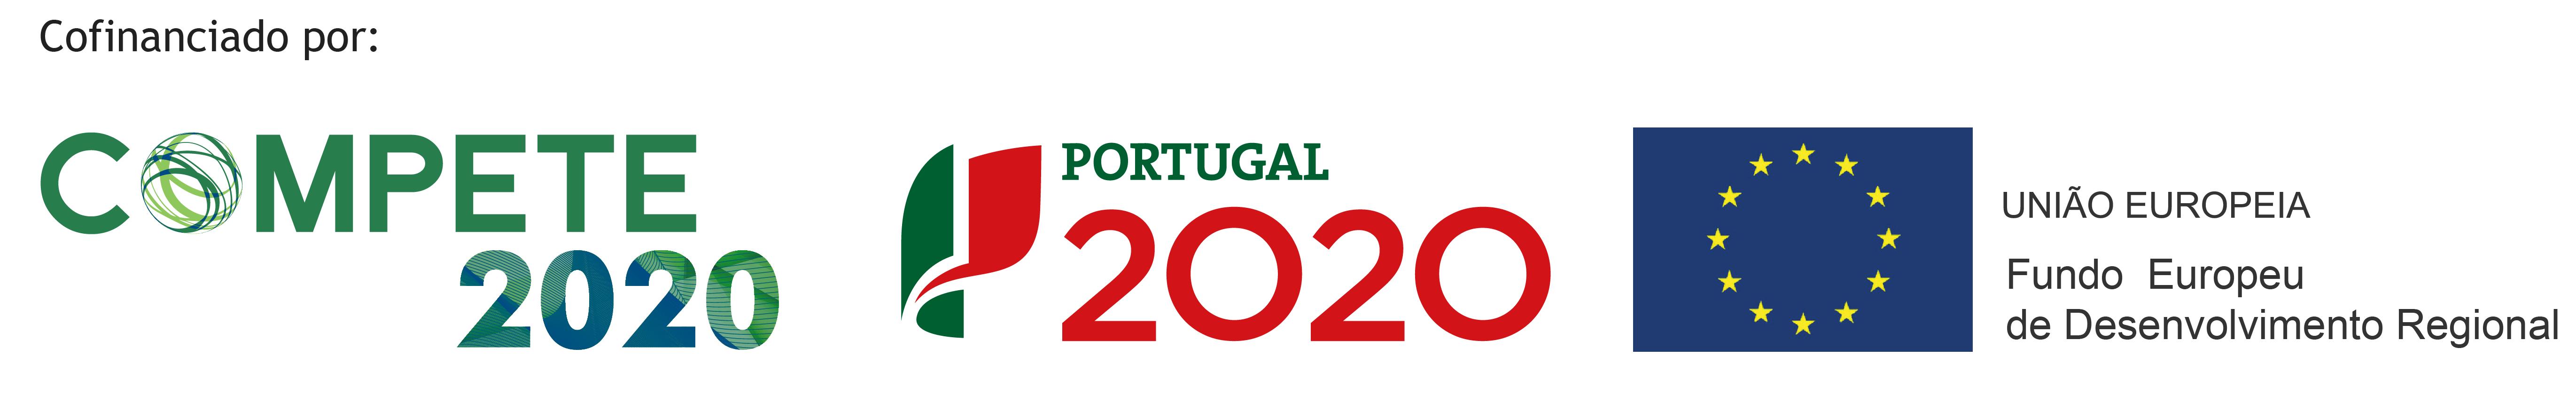 Compete 2020, Portugal 2020, UE - Fundo de Coesão